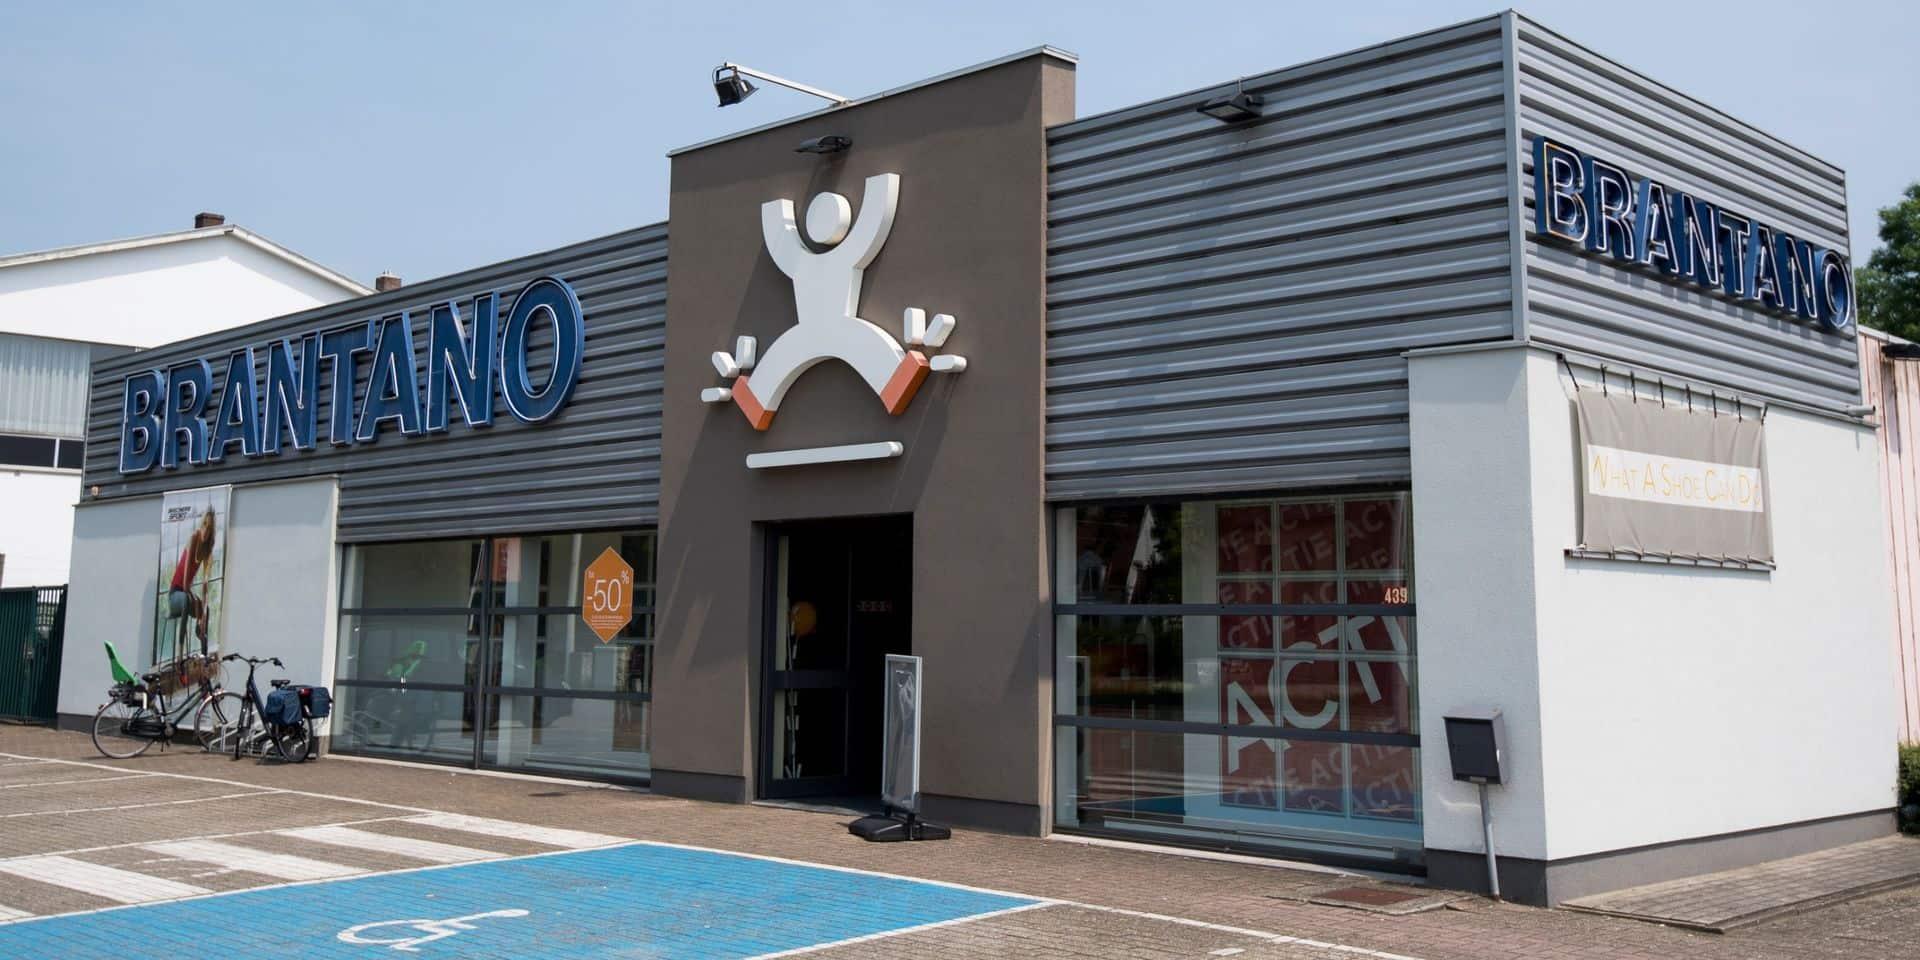 Une filiale d'un géant allemand reprend 43 magasins Brantano en Belgique